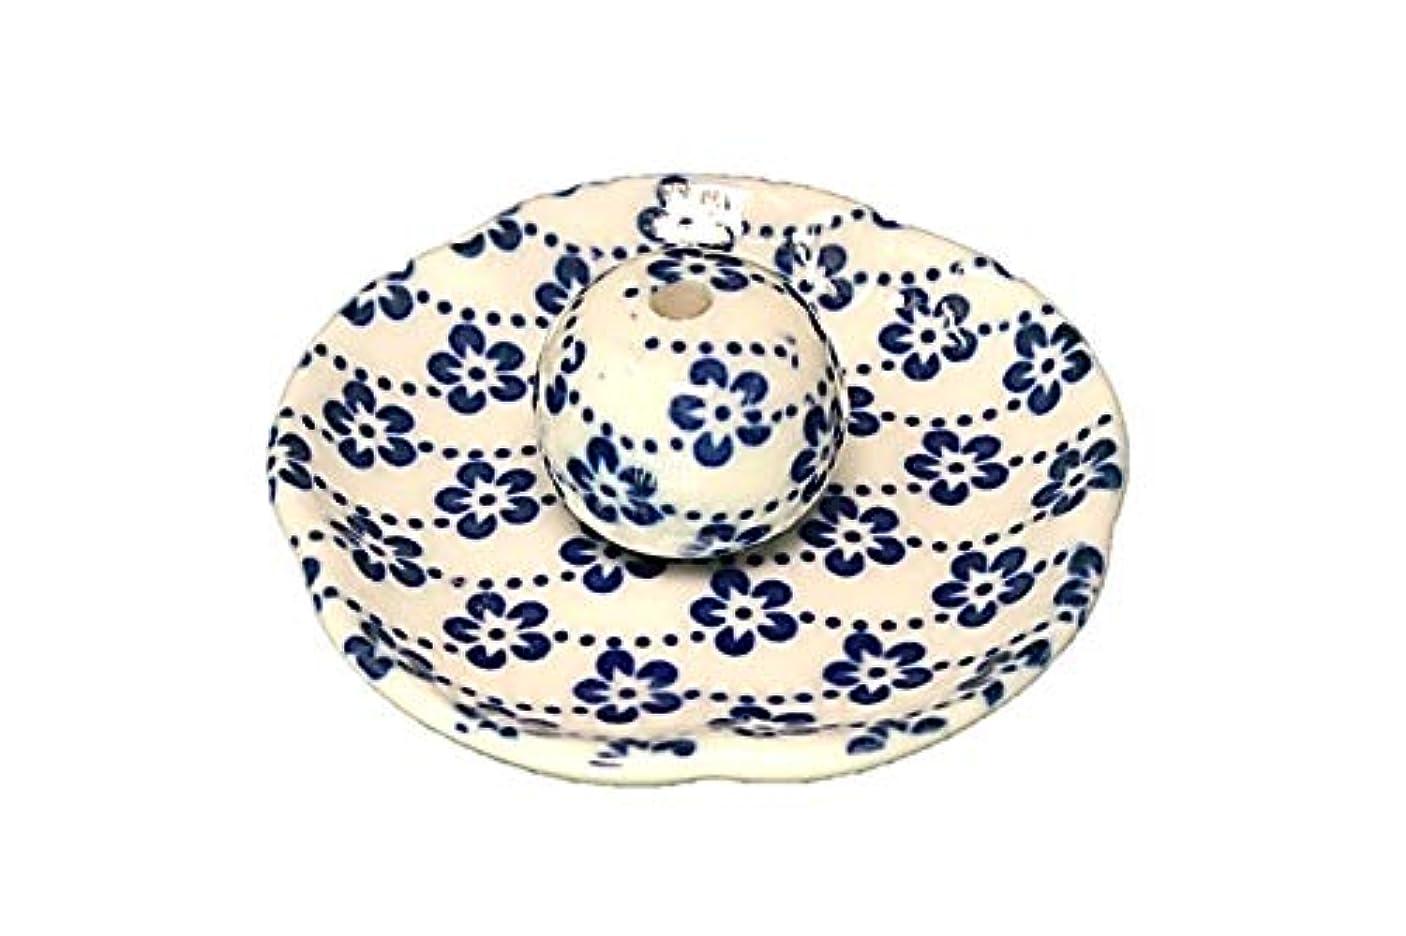 インセンティブ寝るいつか梅花 花形香皿 お香立て お香たて 日本製 ACSWEBSHOPオリジナル